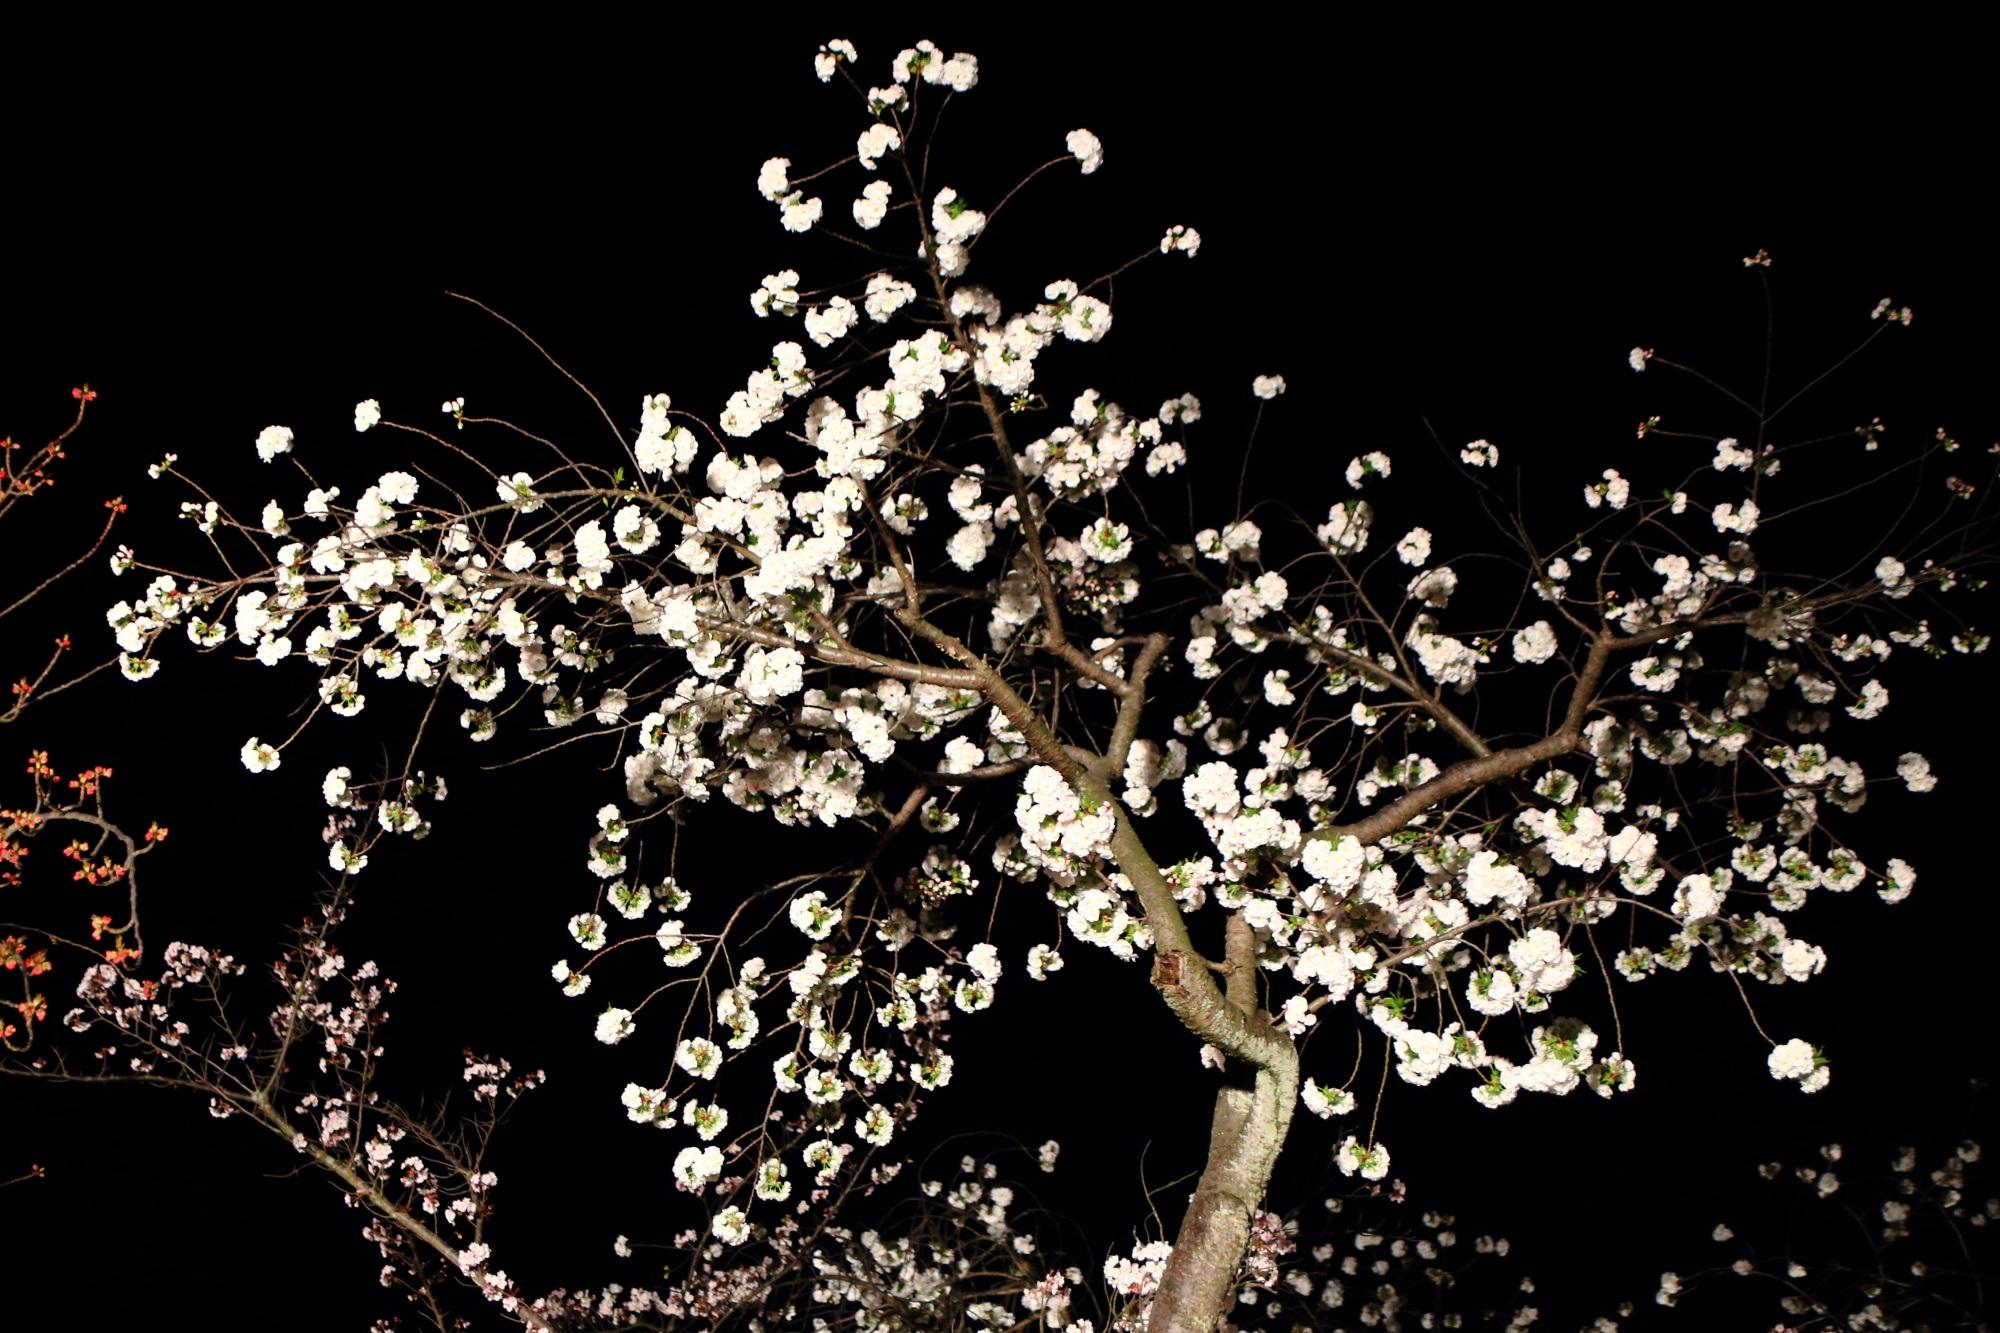 夜空を華やかに彩る白い八重桜